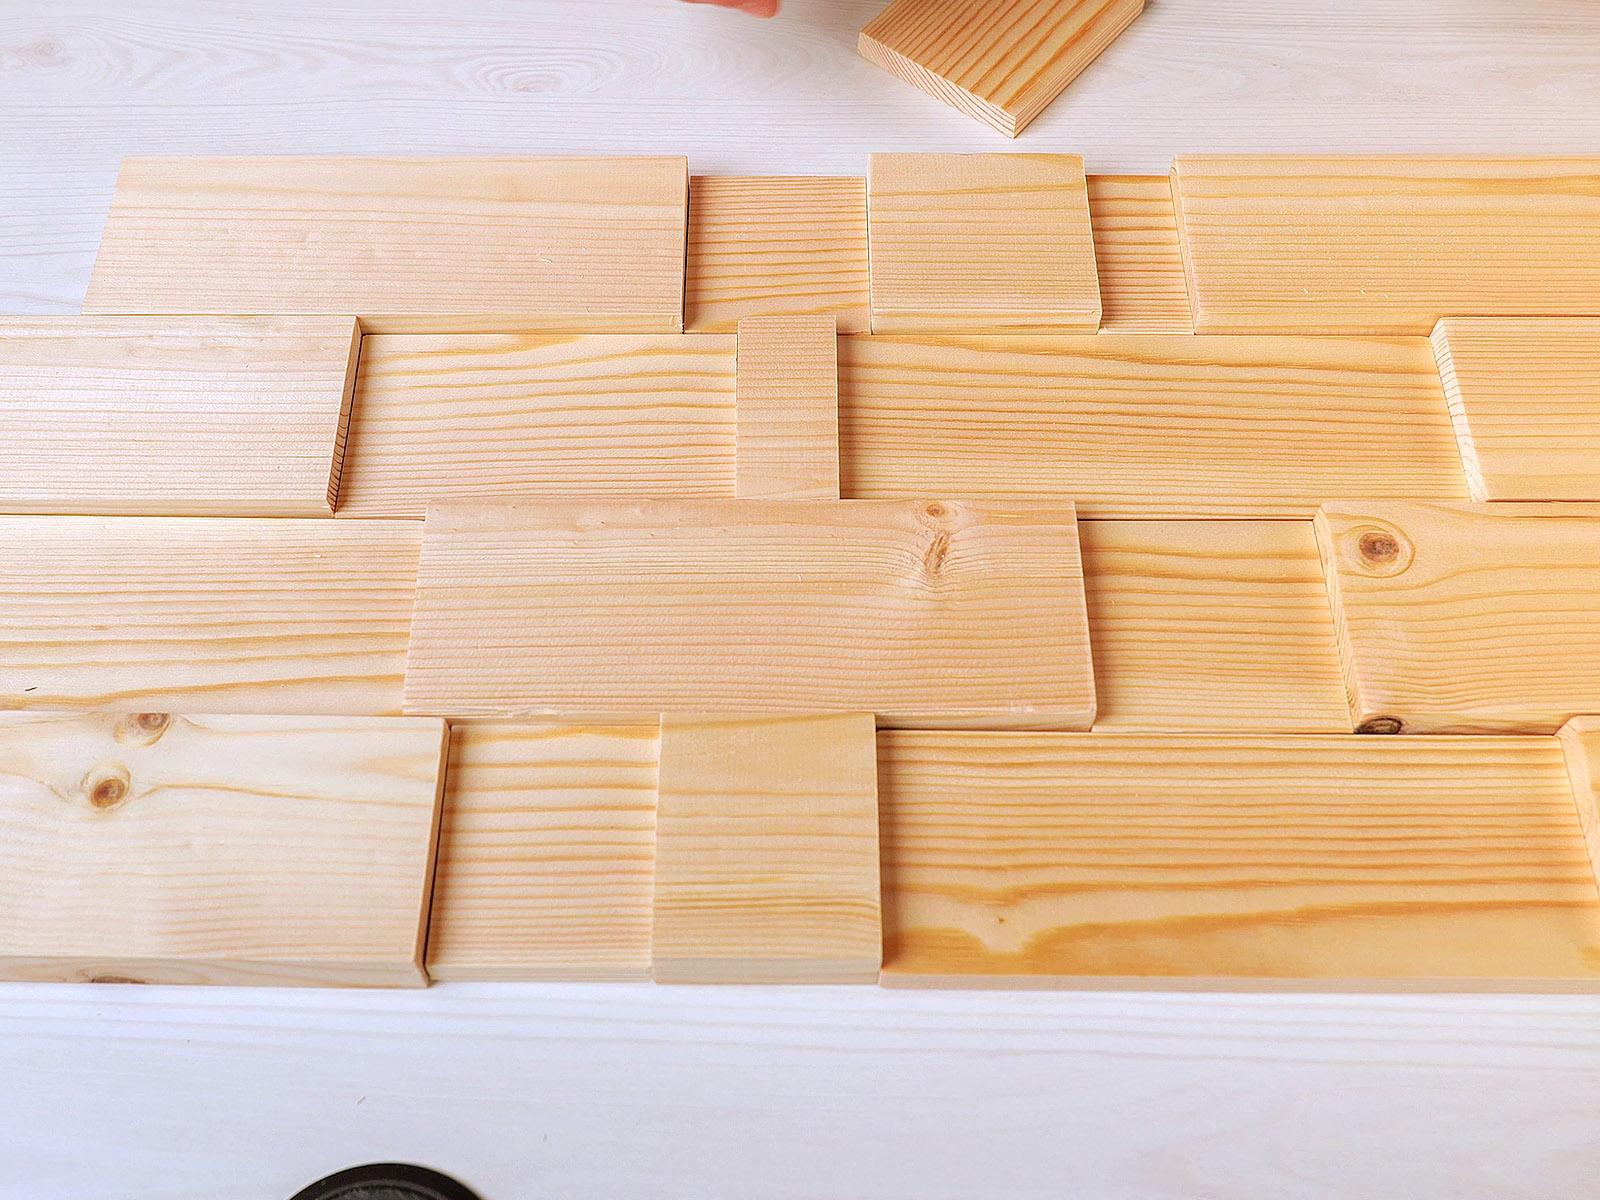 A natúr fa lécekből is könnyen elkészíthető a 3D burkolat, mindössze eltérő vastagságú fára van hozzá szükség.